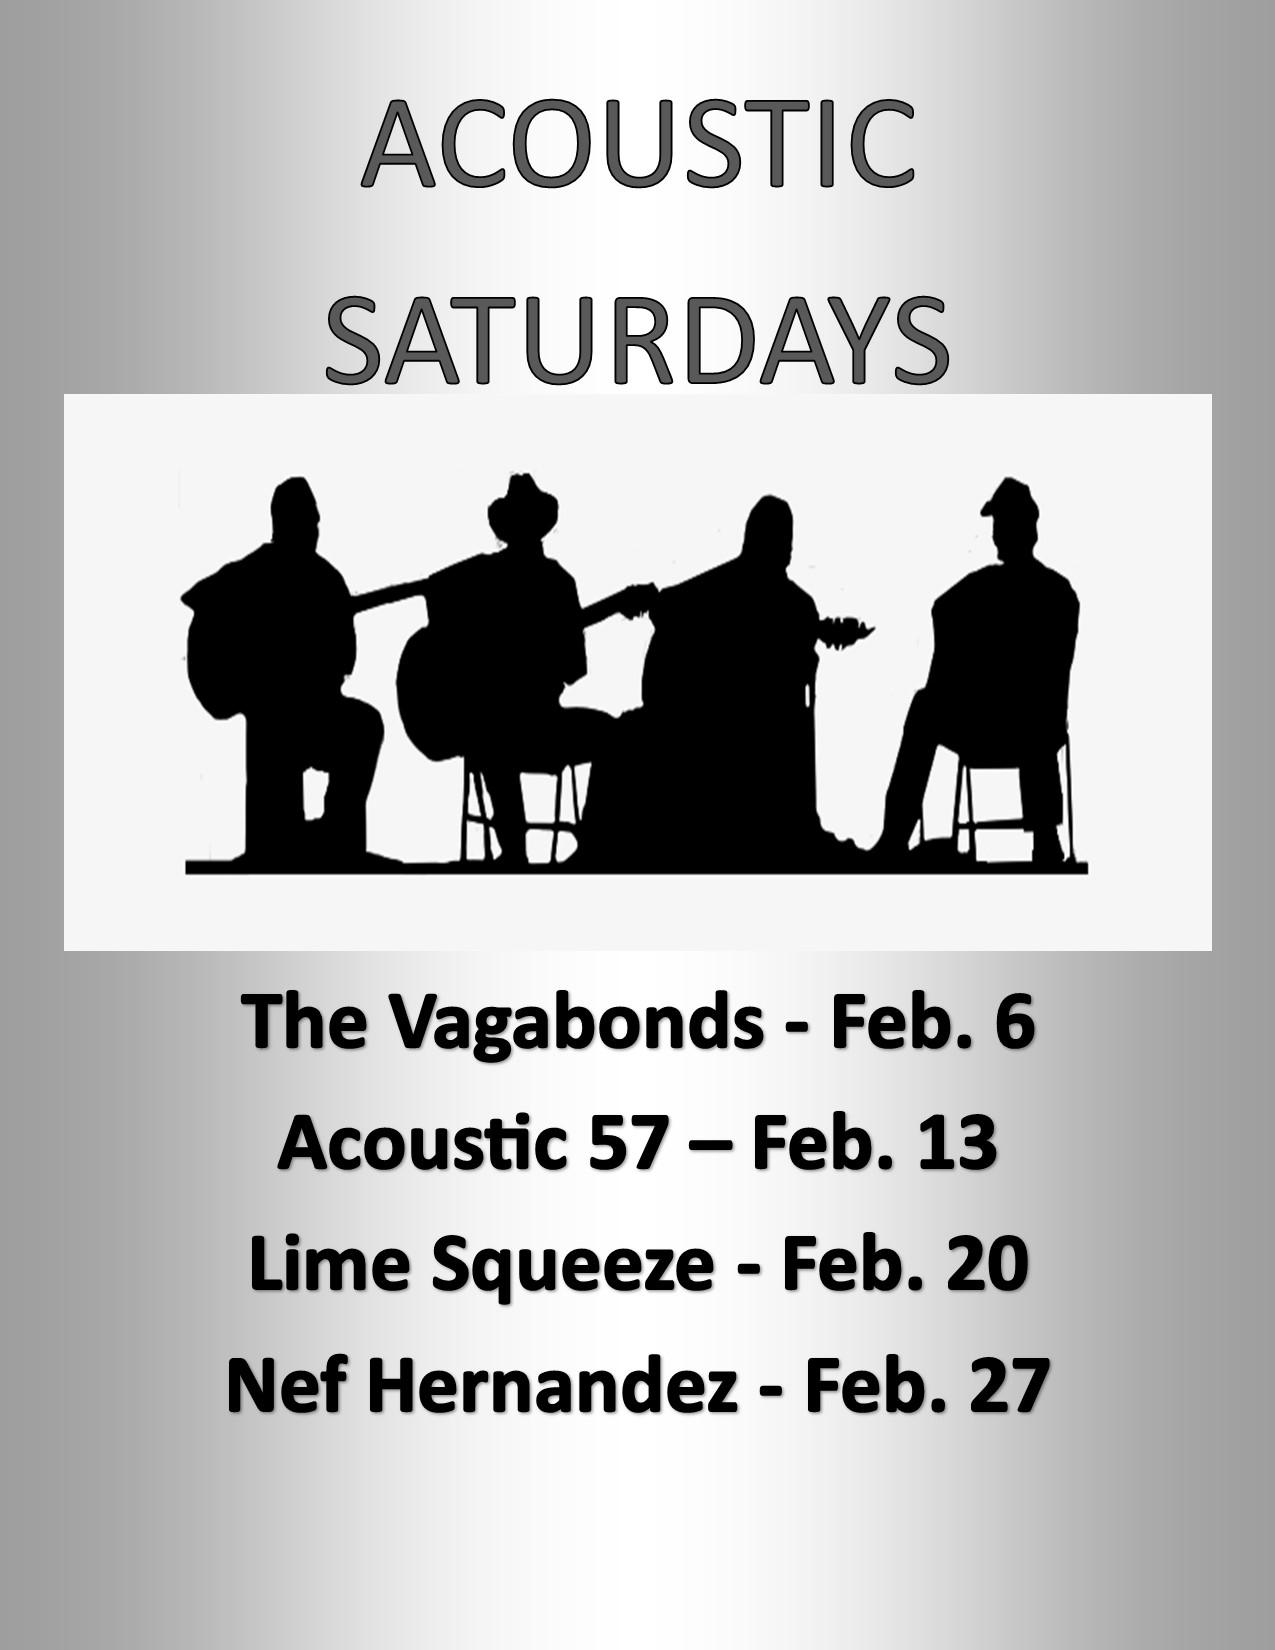 Acoustic Saturdays